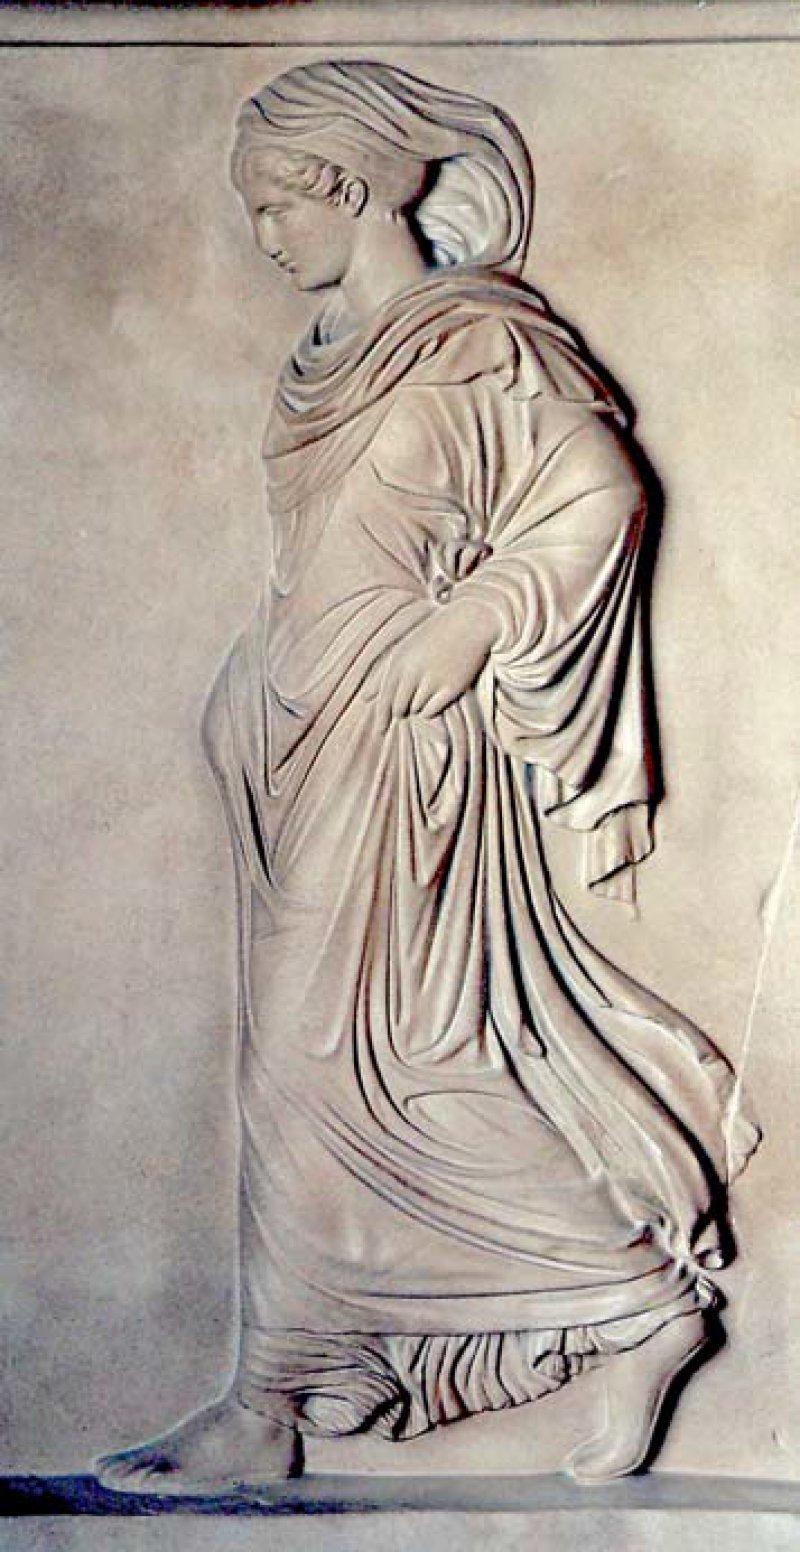 Ein reizvolles Beispiel weiblicher Gangart auf dem Aglauriden-Relief (um 400 vor Christus). Foto: Wikimedia Commons